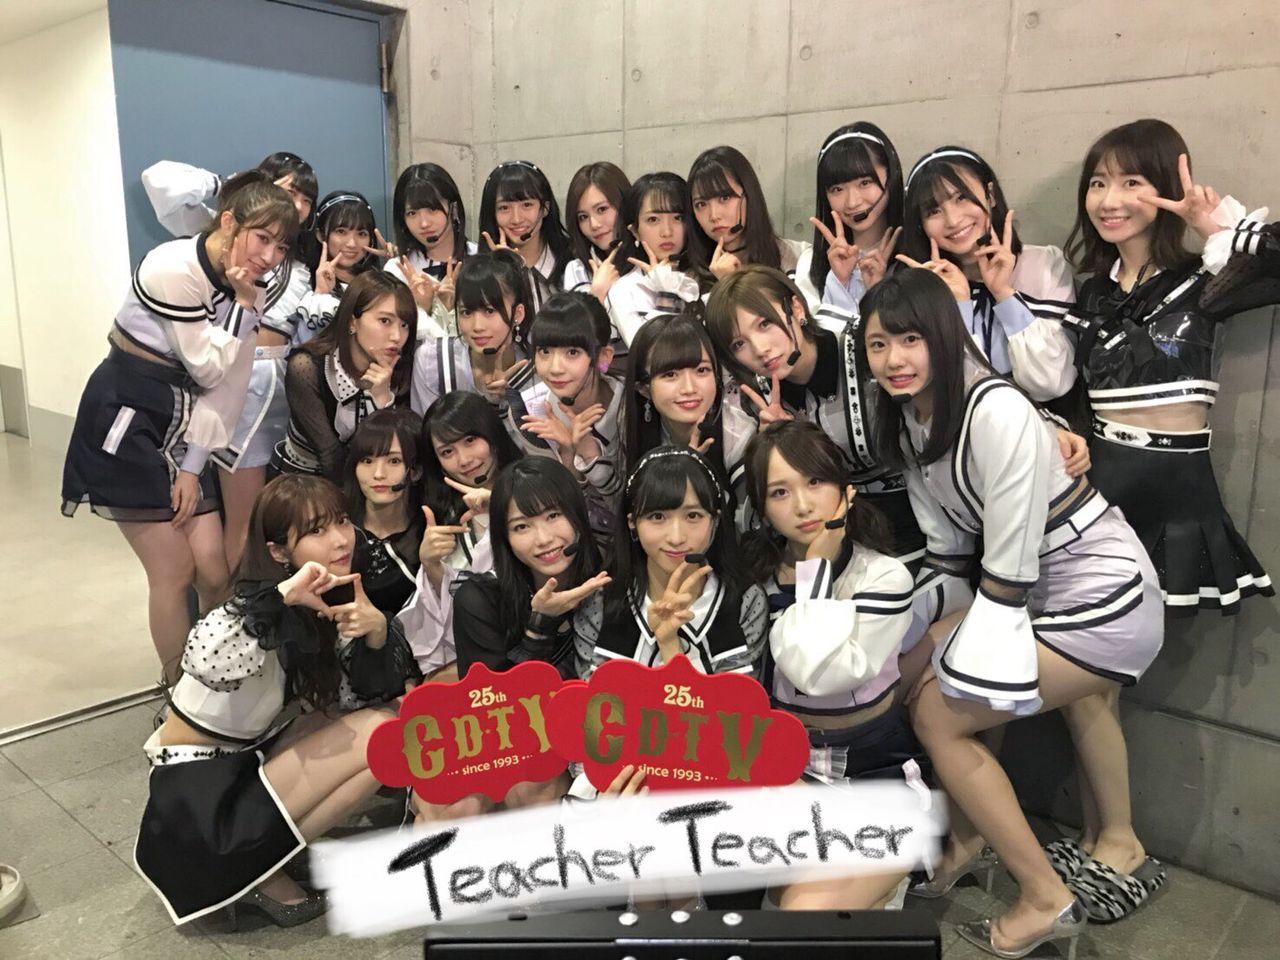 http://livedoor.Blogimg.jp/sasuga801-koukokugyoukai/imgs/c/9/c945a733.jpg